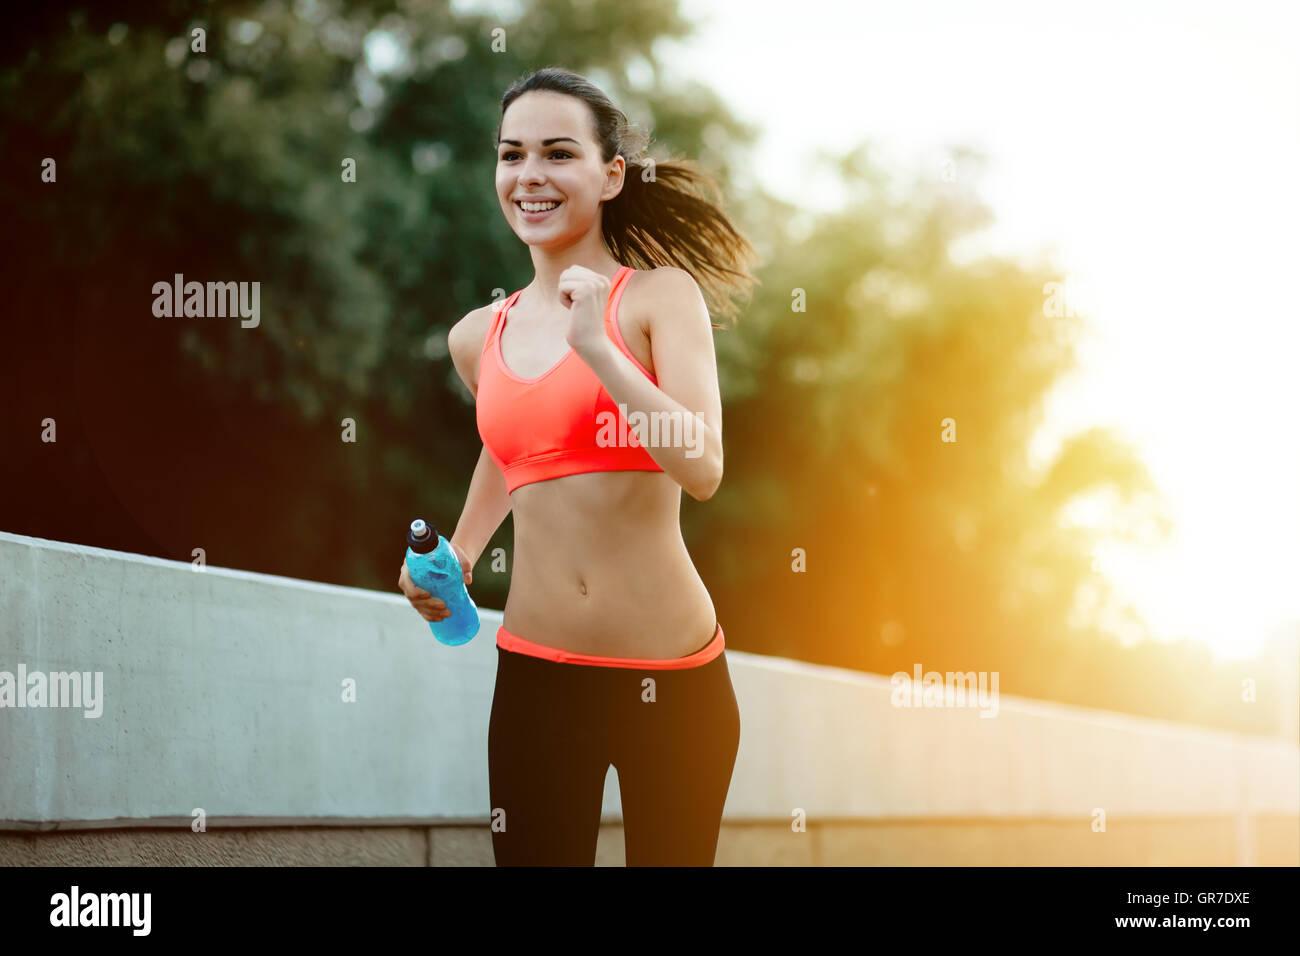 Sportliche Jogger gehen für einen Lauf in urbanen Stadtgebiet Stockbild